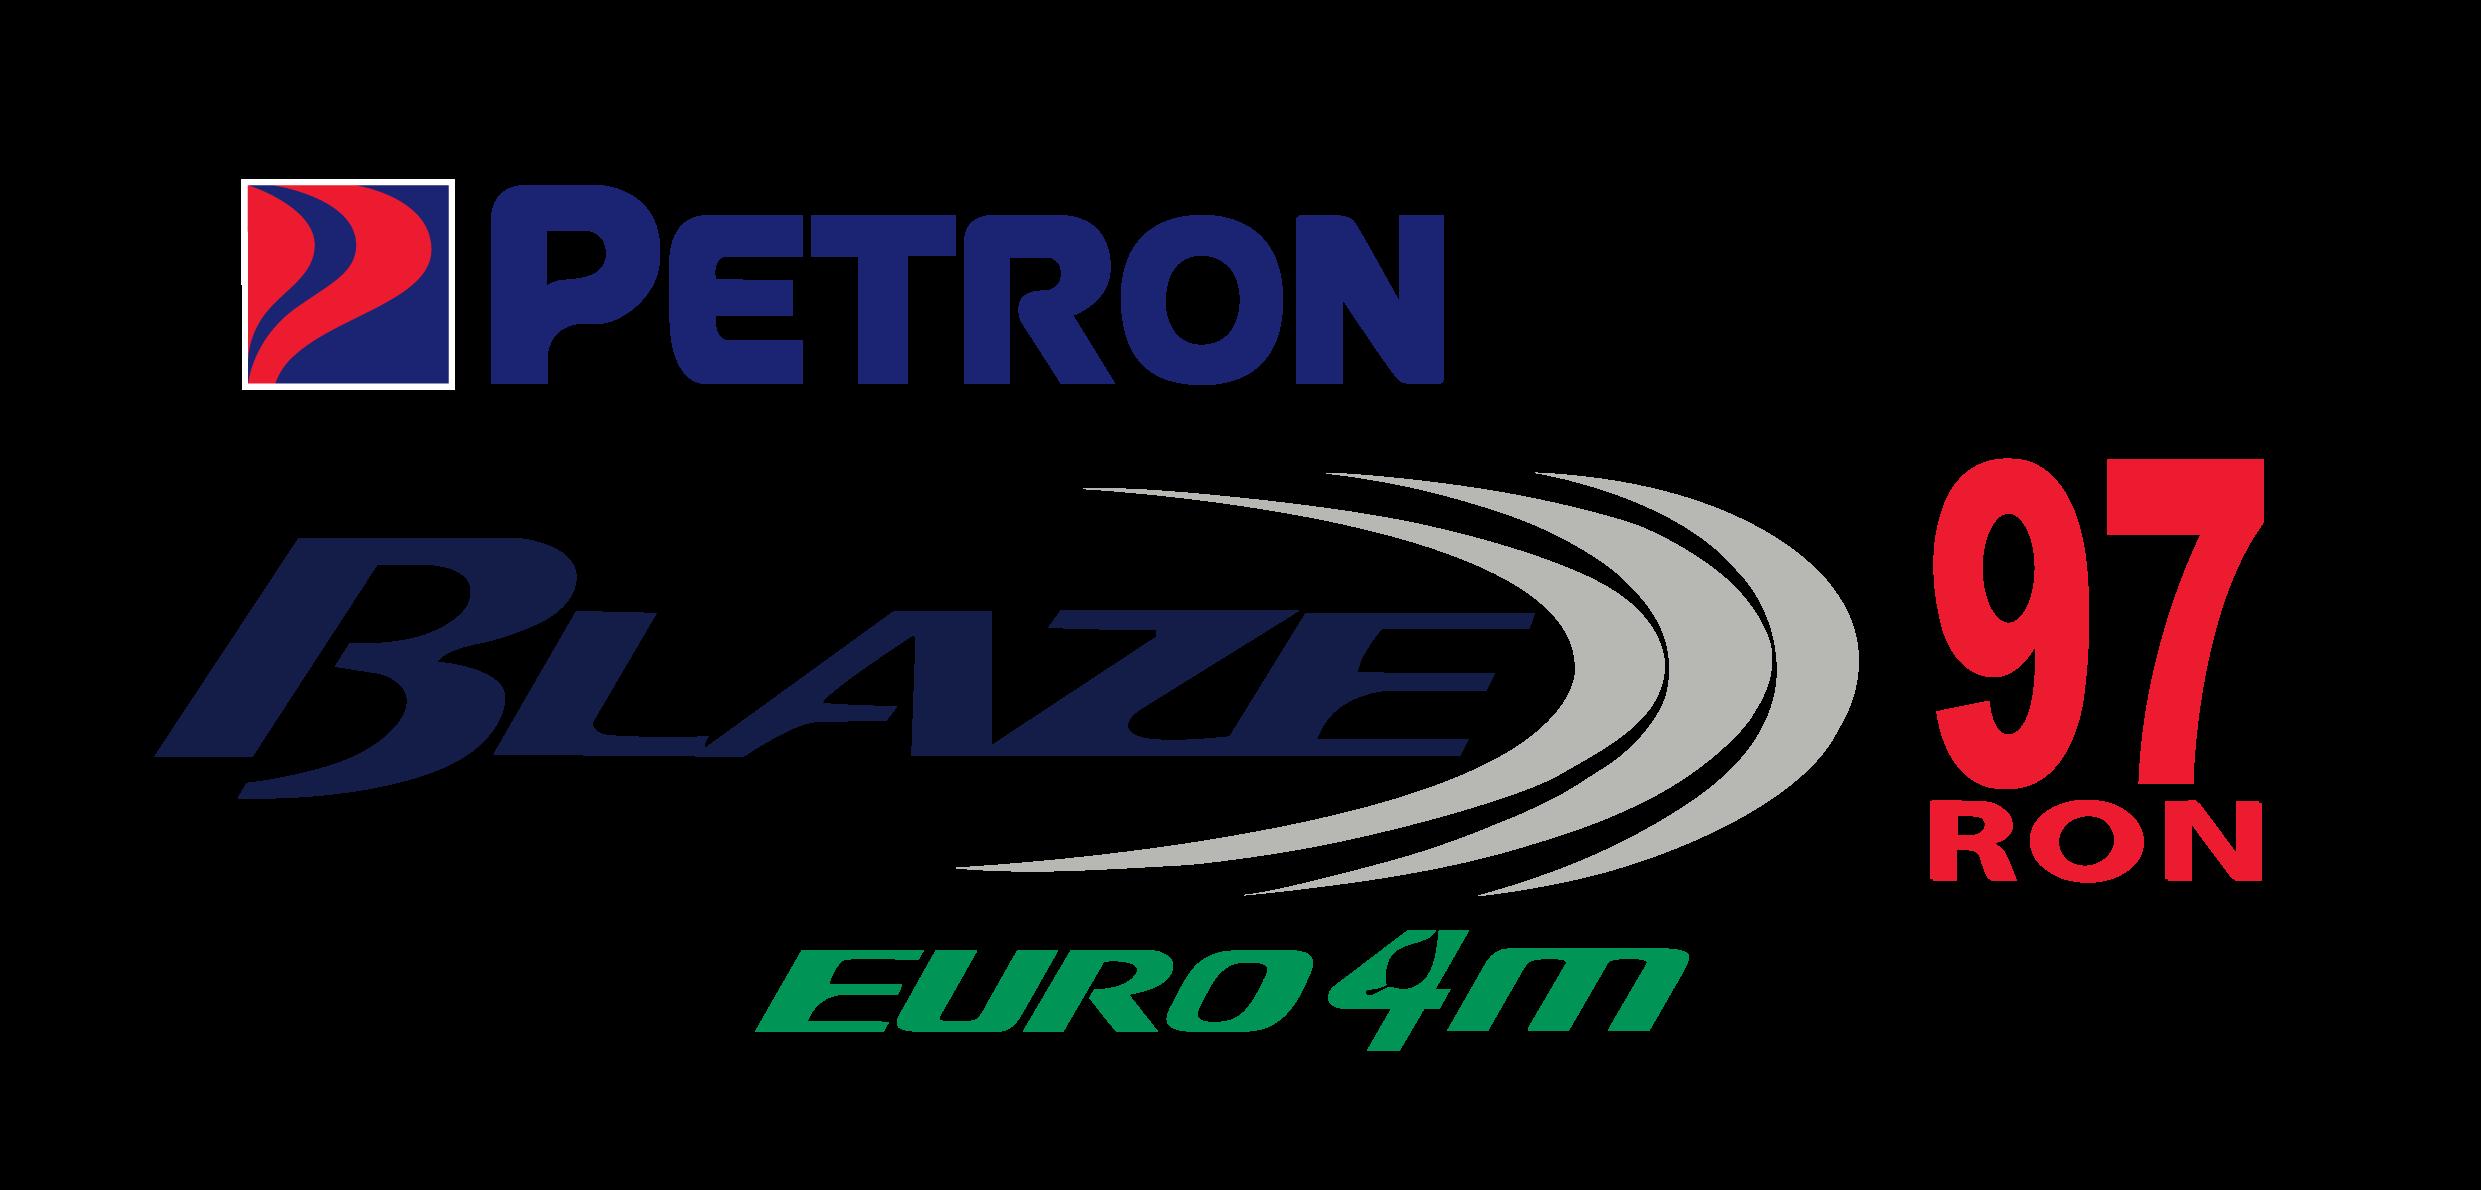 Petron Blaze 97 Euro 4M